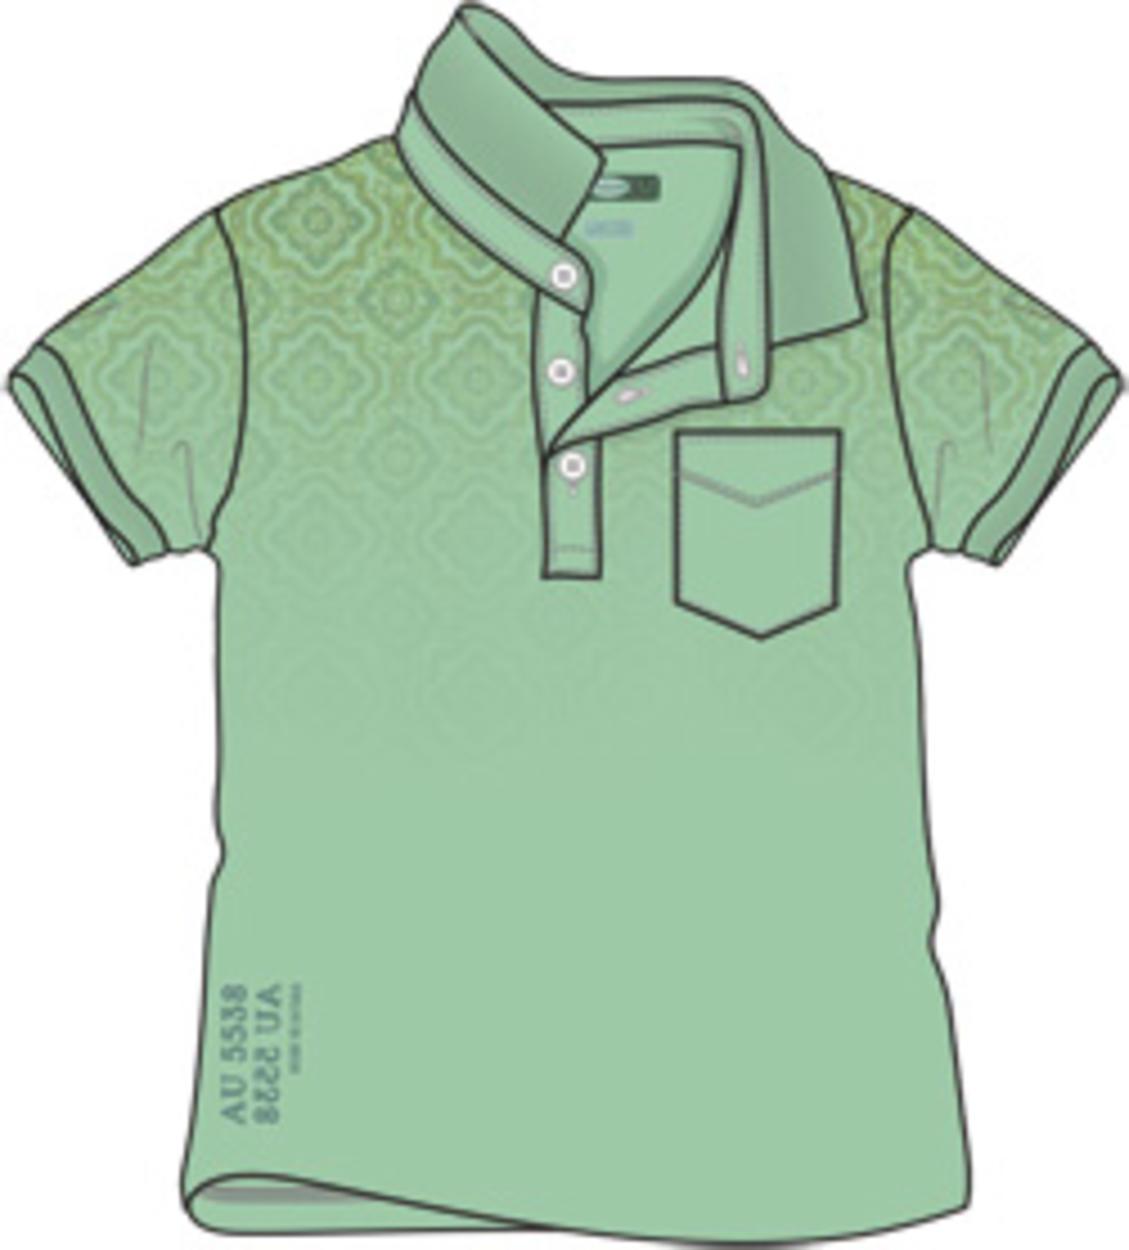 e0988cc193 Polo a manica corta 100% cotone stampa cachemire per bambino da 6 mesi a 7  anni Sarabanda